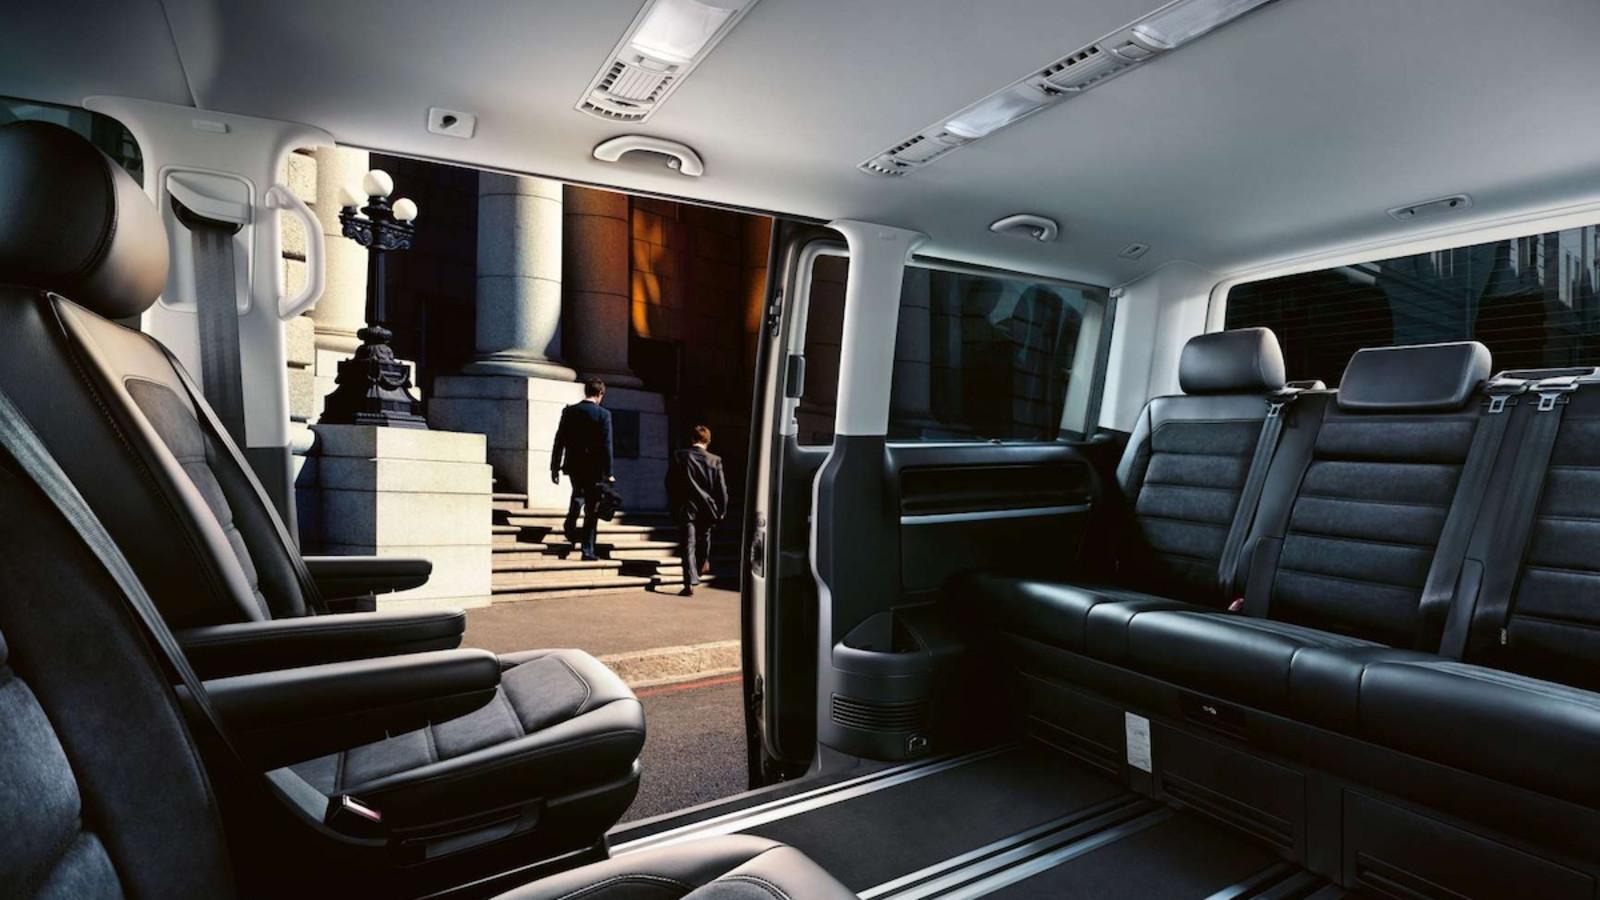 VW Multivan Family